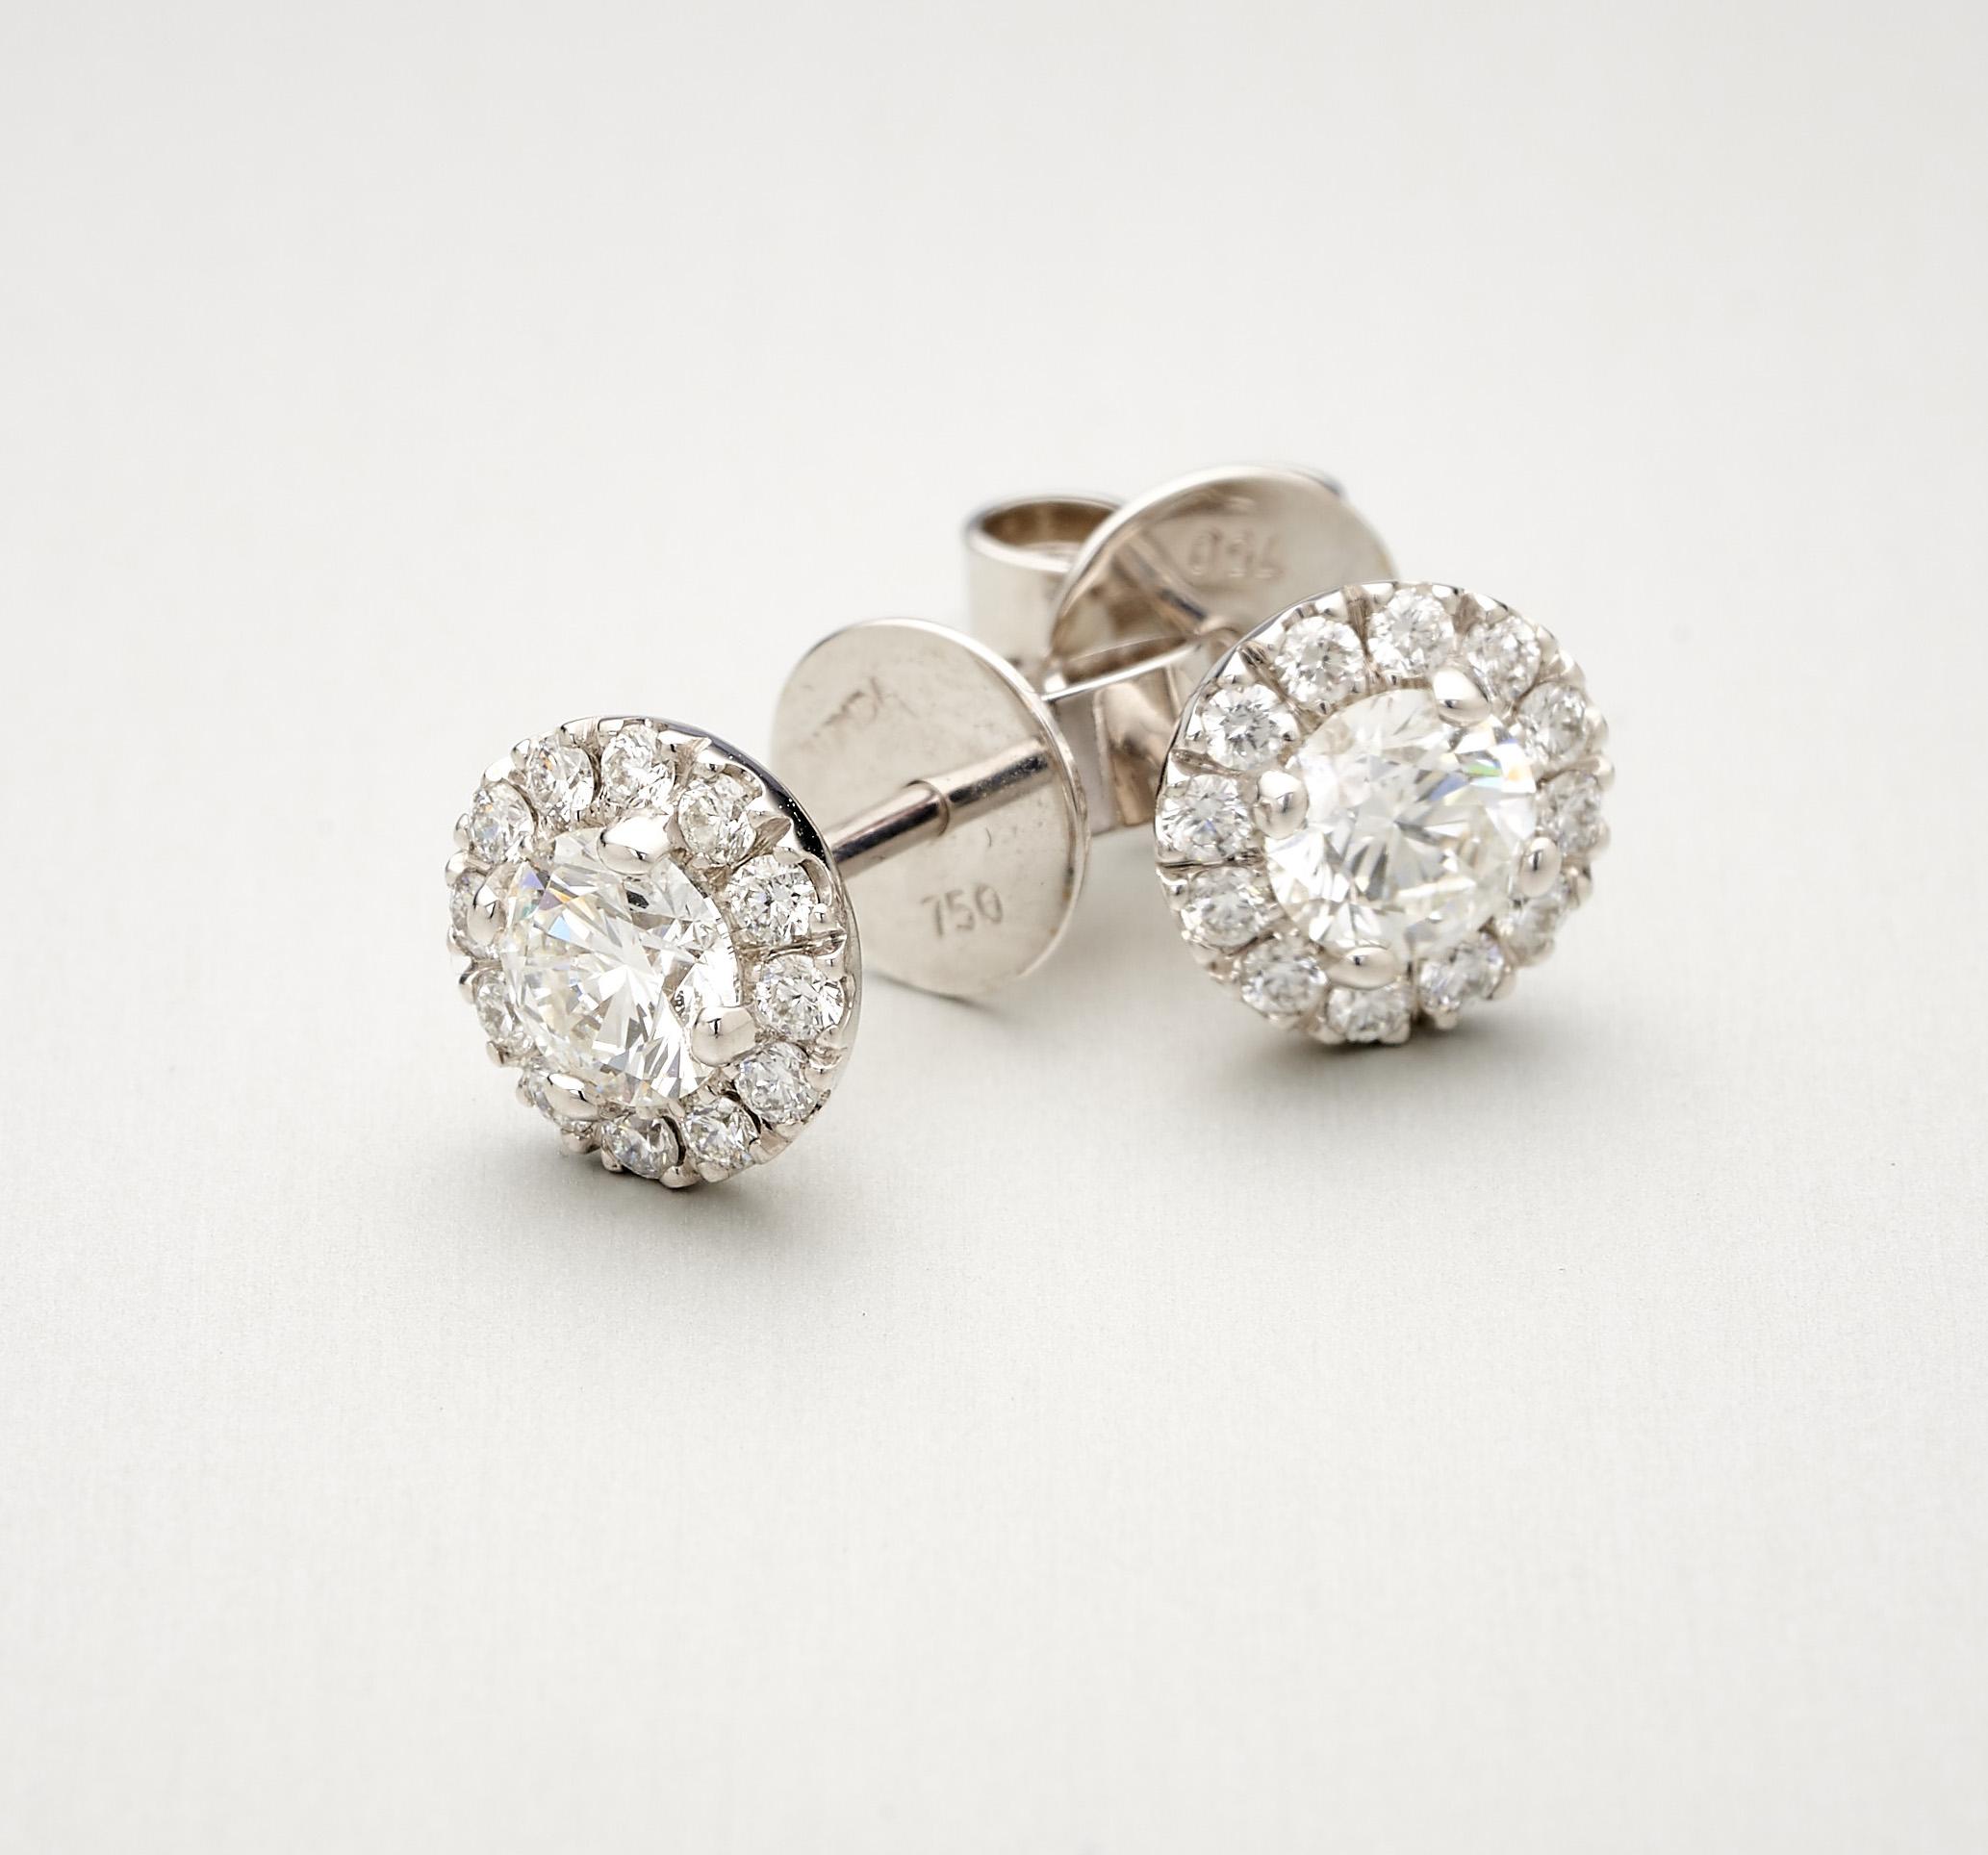 BUNDA Valentin Diamond Earrings $7,500